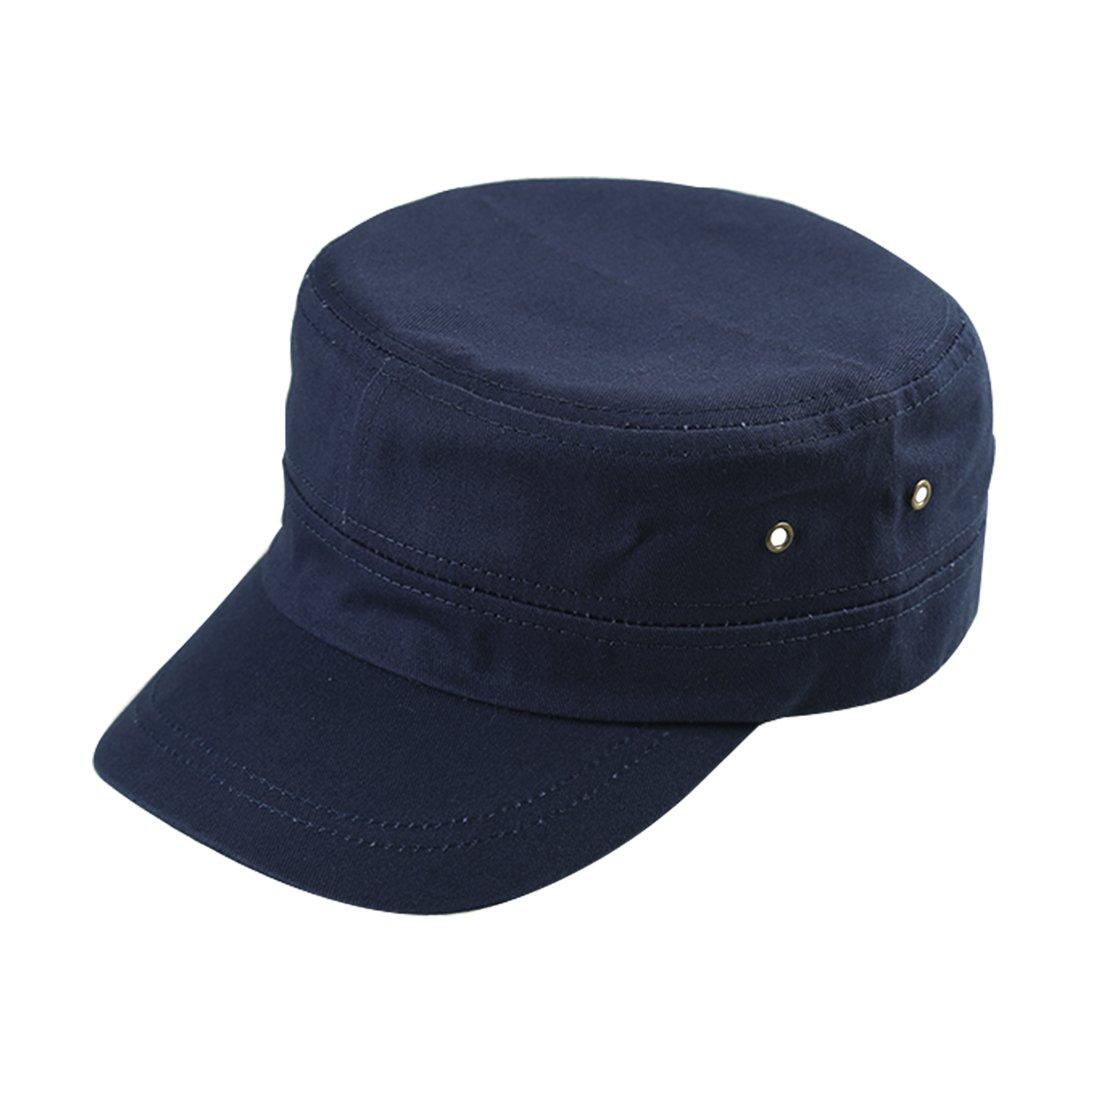 uxcell Unisex Cotton Flat Top Brass Eyelet Baseball Vintage Adjustable Cadet Cap Navy a17112300ux0272